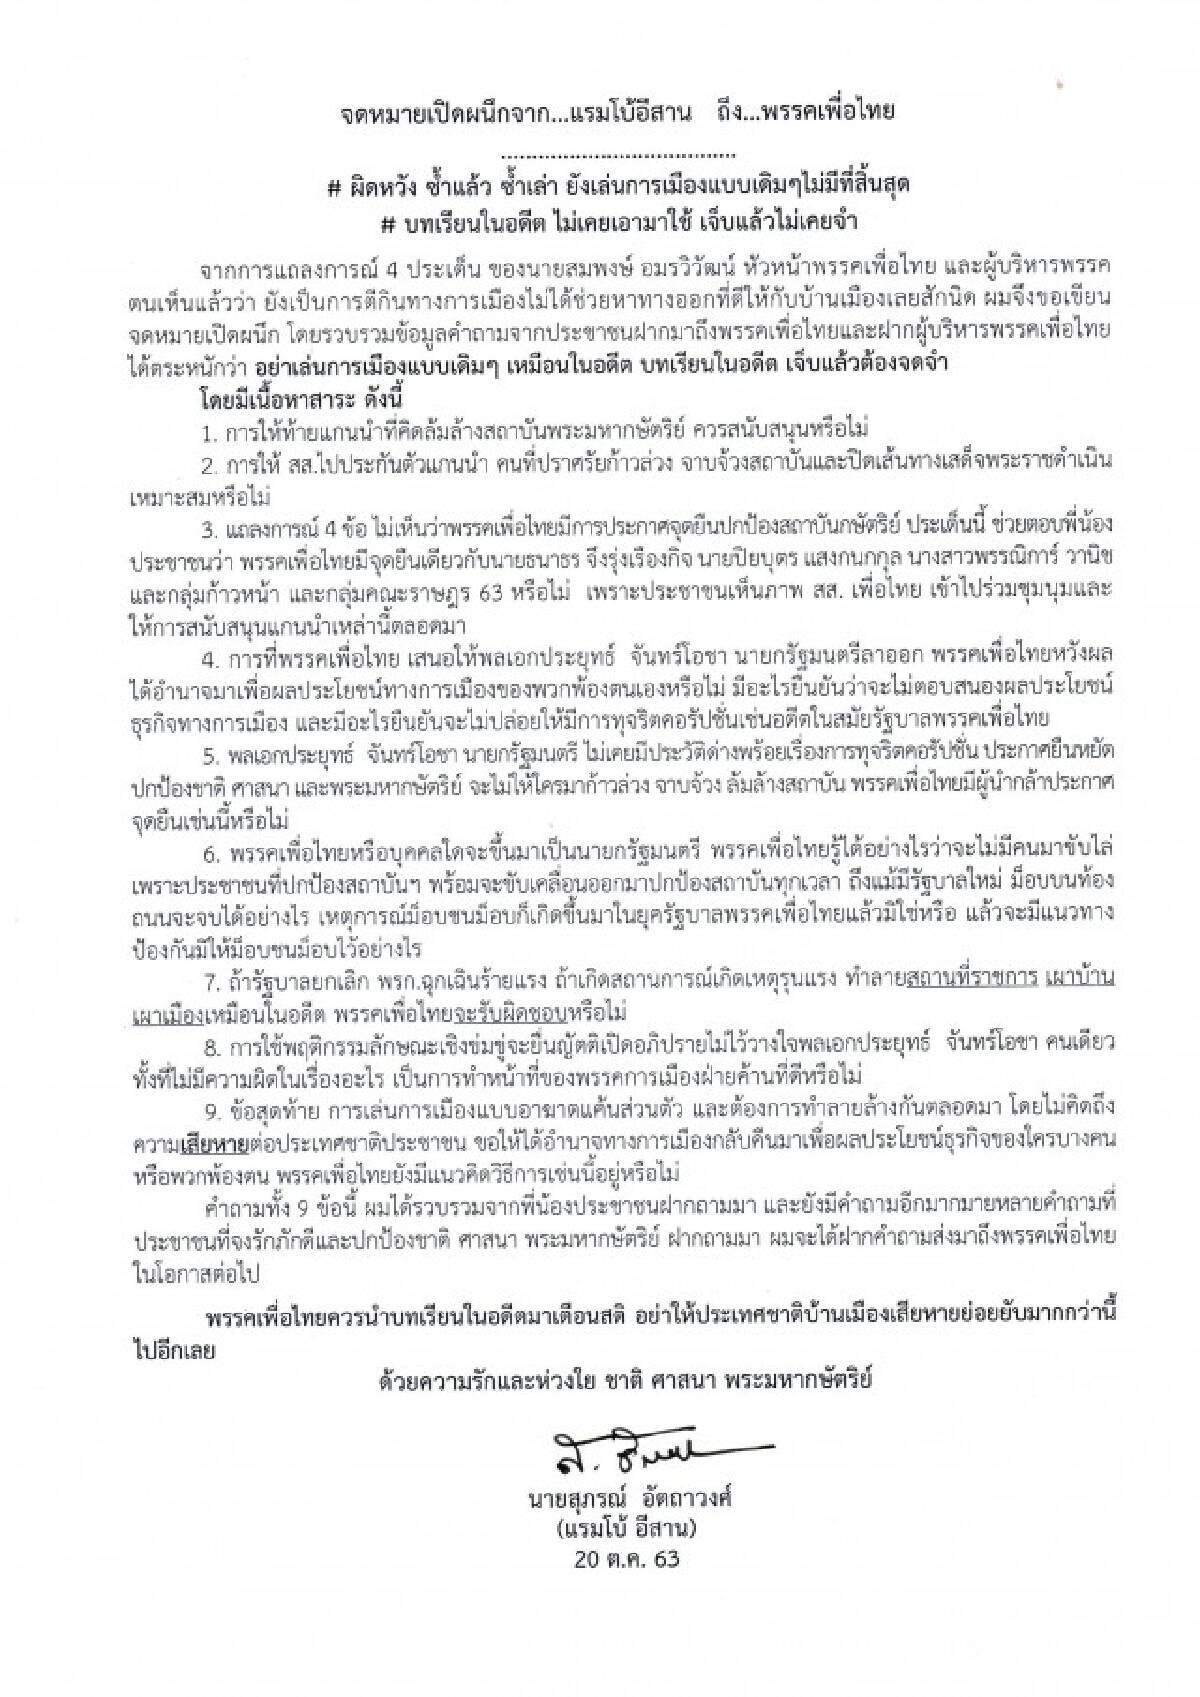 """""""แรมโบ้"""" ร่อนจดหมายถึงเพื่อไทย อย่าตีกินการเมือง"""